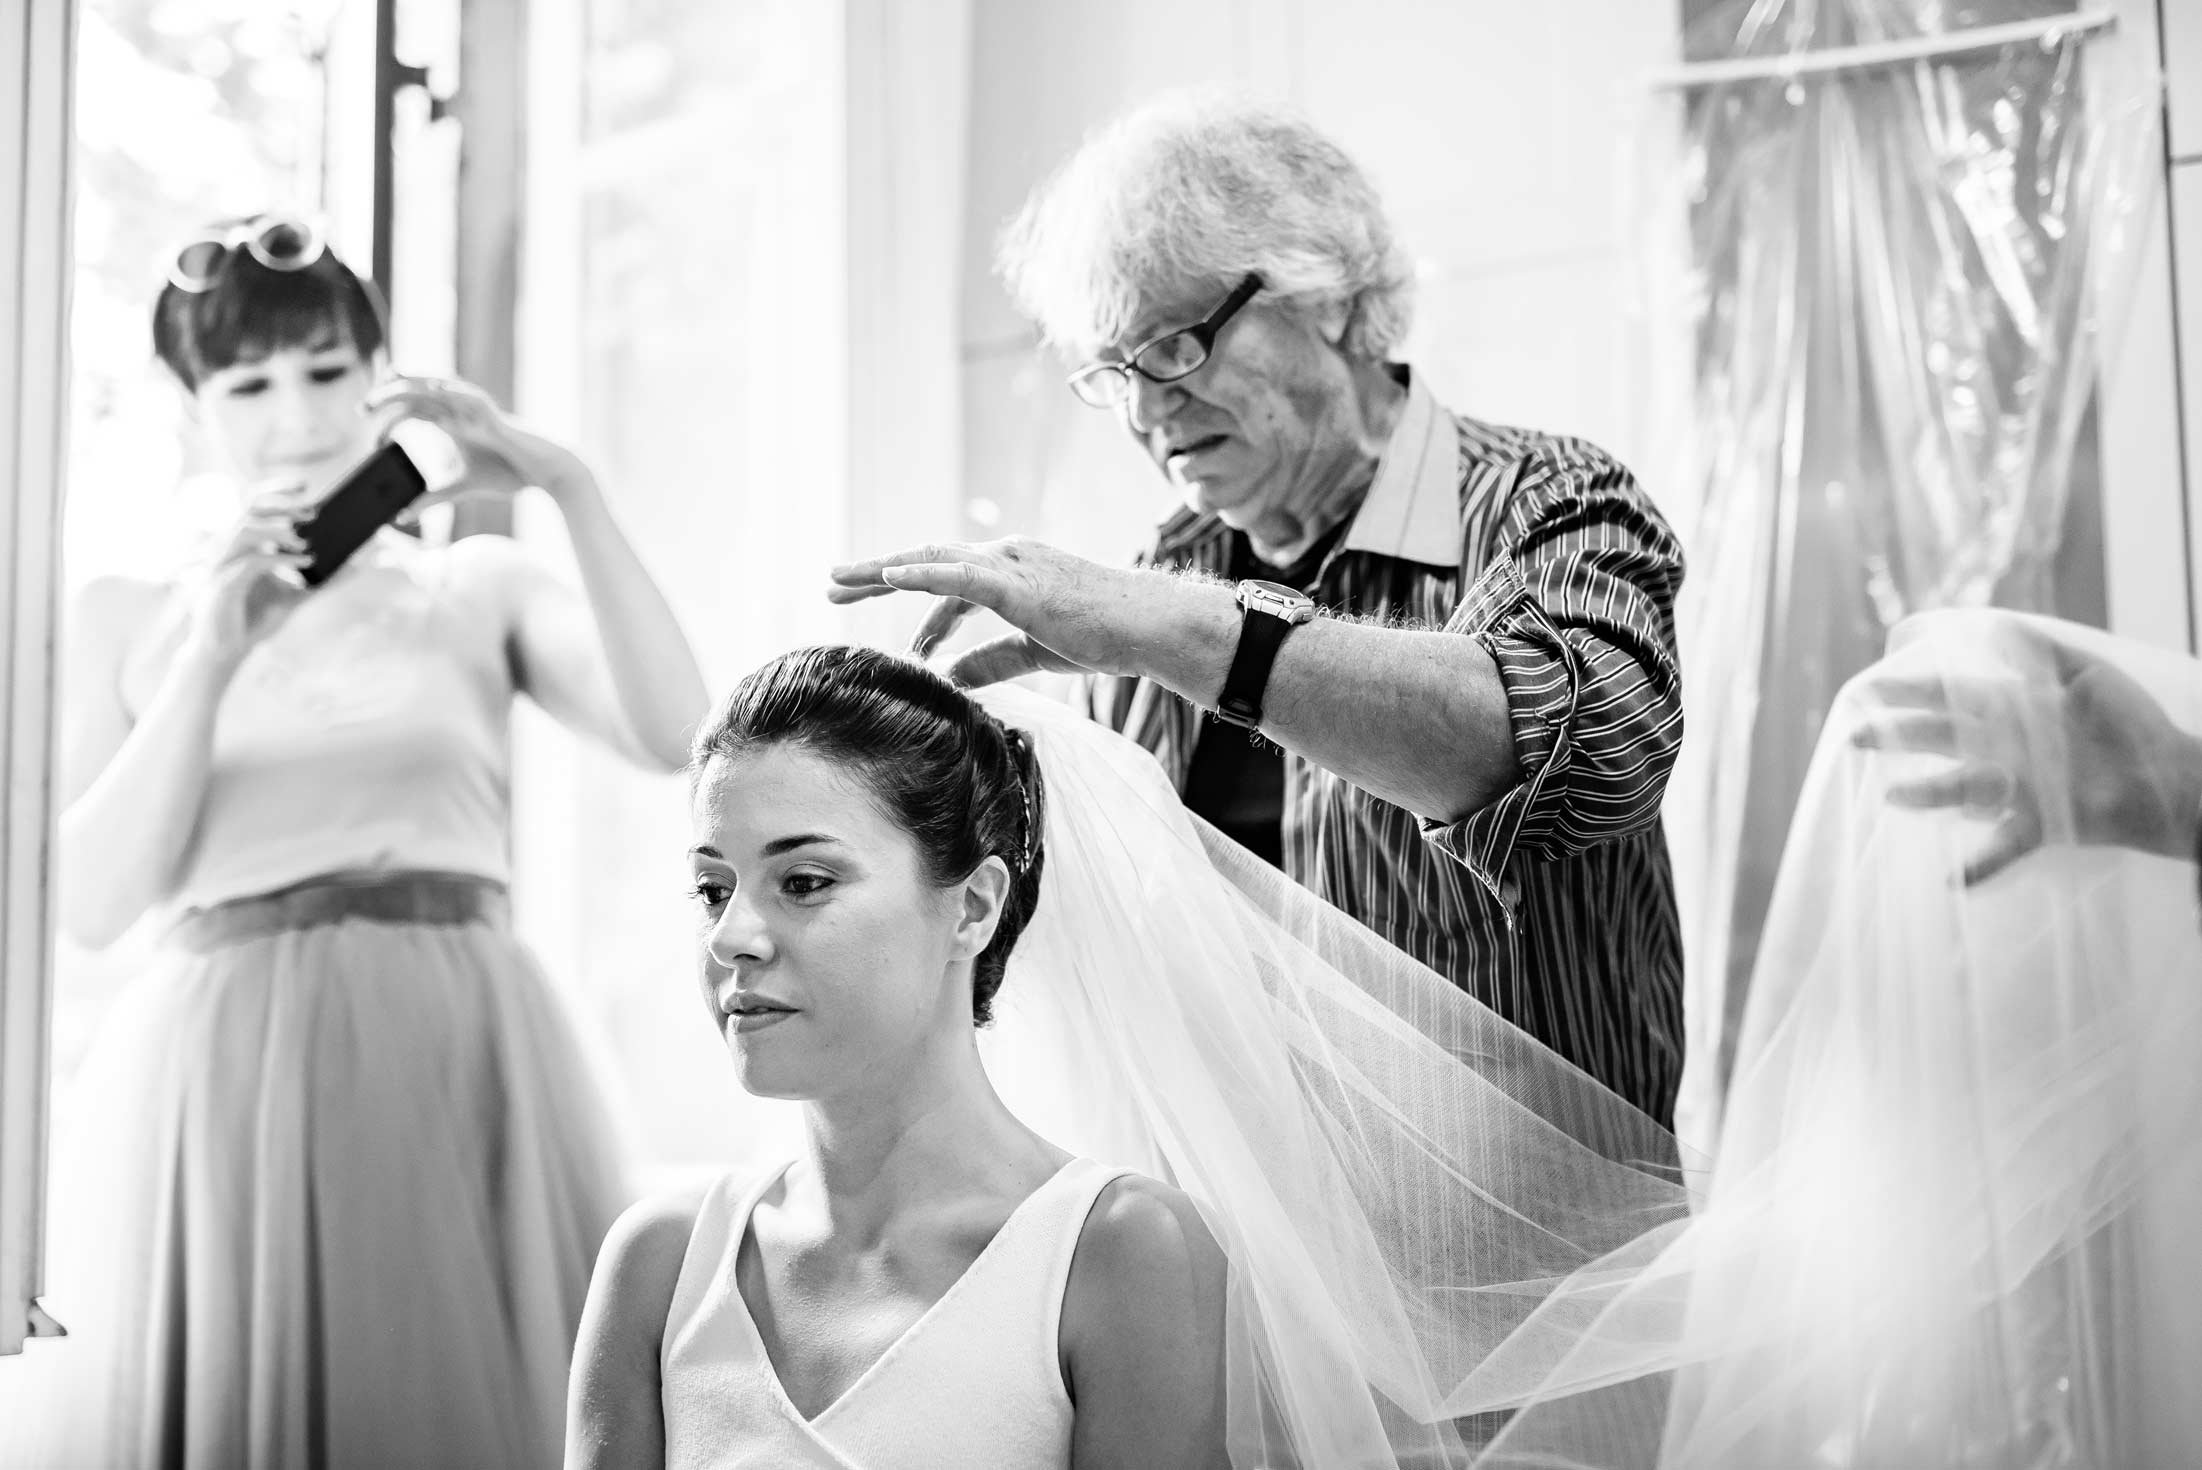 Fotografo-Matrimoni-Roma-Stile-Reportage-Preparativi-Sposa 2